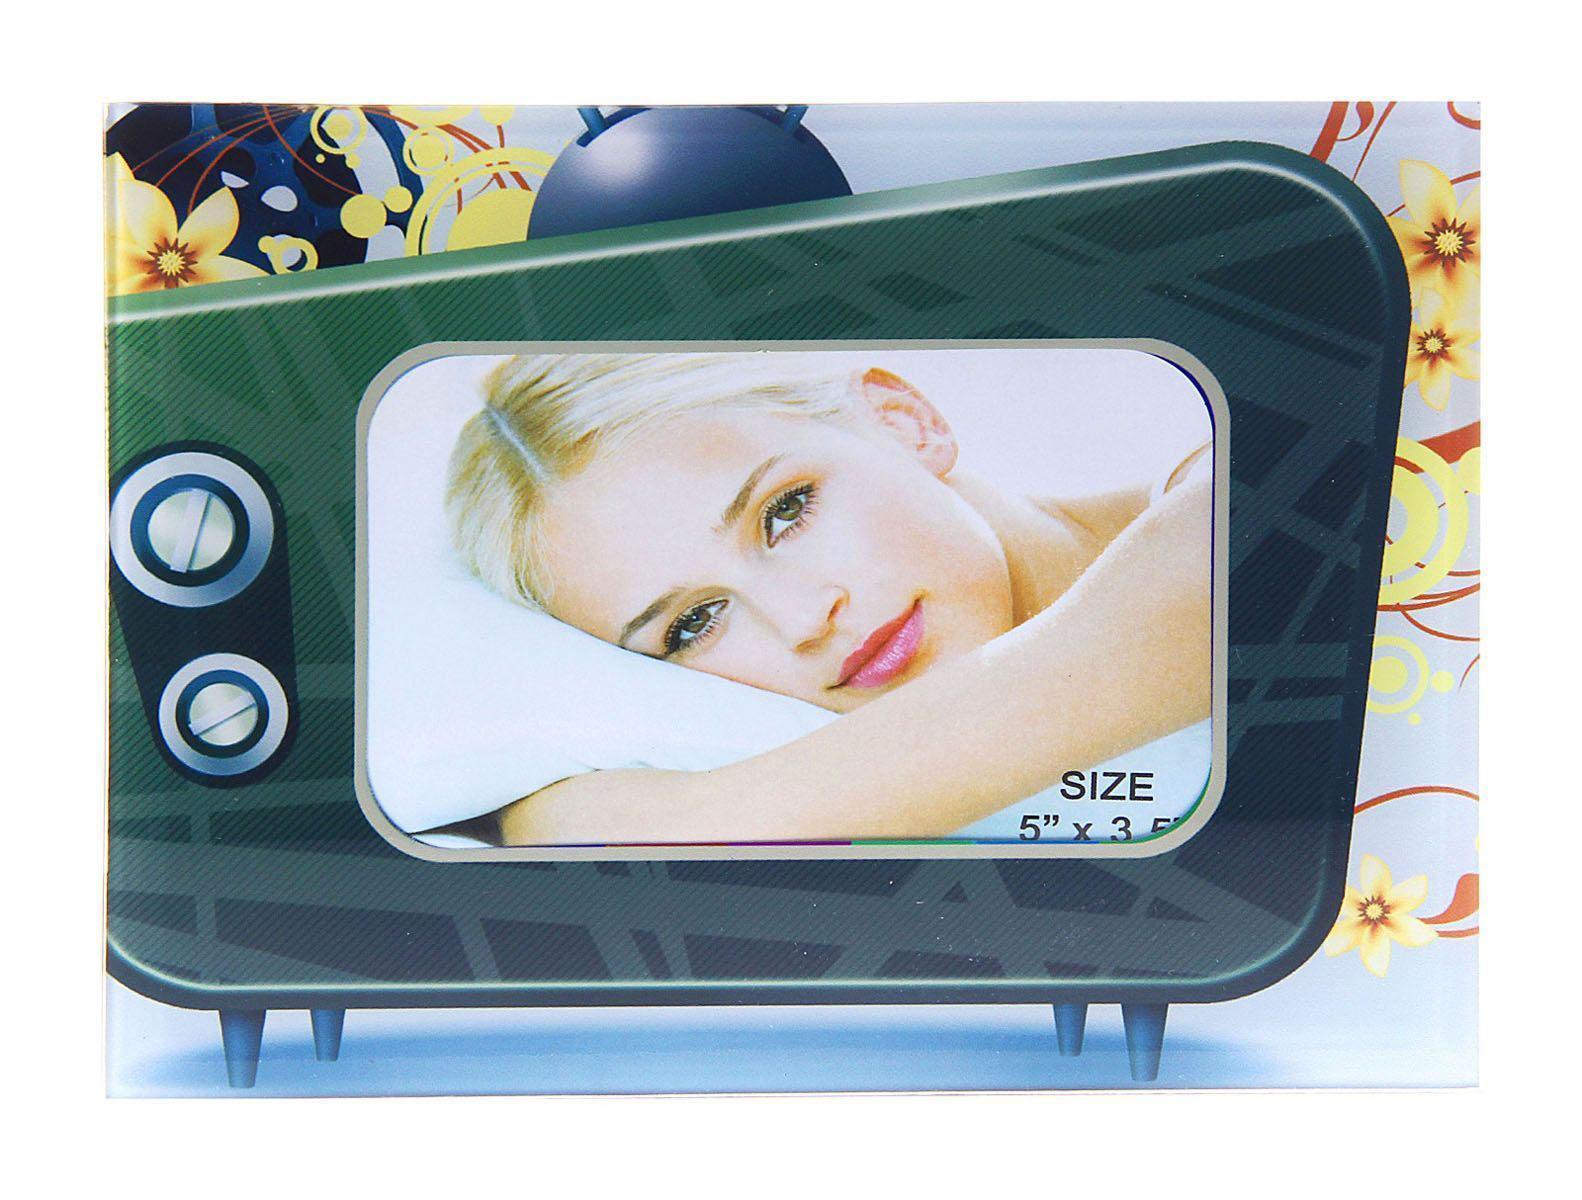 Фоторамка Sima-land Телевизор, 9 х 13 см133411Фоторамка Sima-land Телевизор - сувенир в полном смысле этого слова. В переводе с французского souvenir означает «воспоминание». И главная задача любого сувенира – хранить воспоминание о месте, где вы побывали, или о том человеке, который подарил данный предмет.